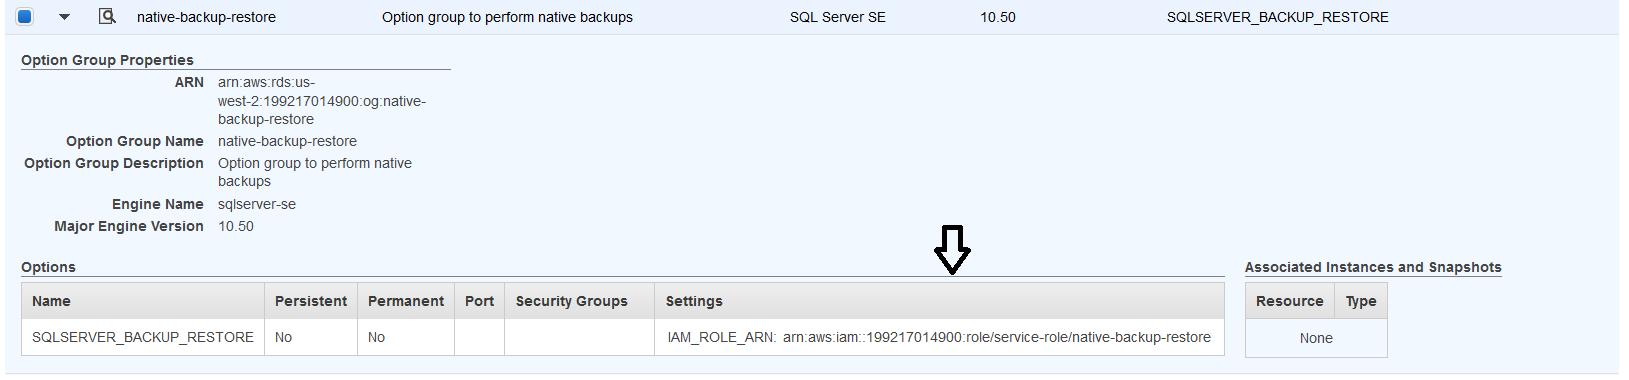 Migrating Microsoft SQL Server Enterprise Workloads to